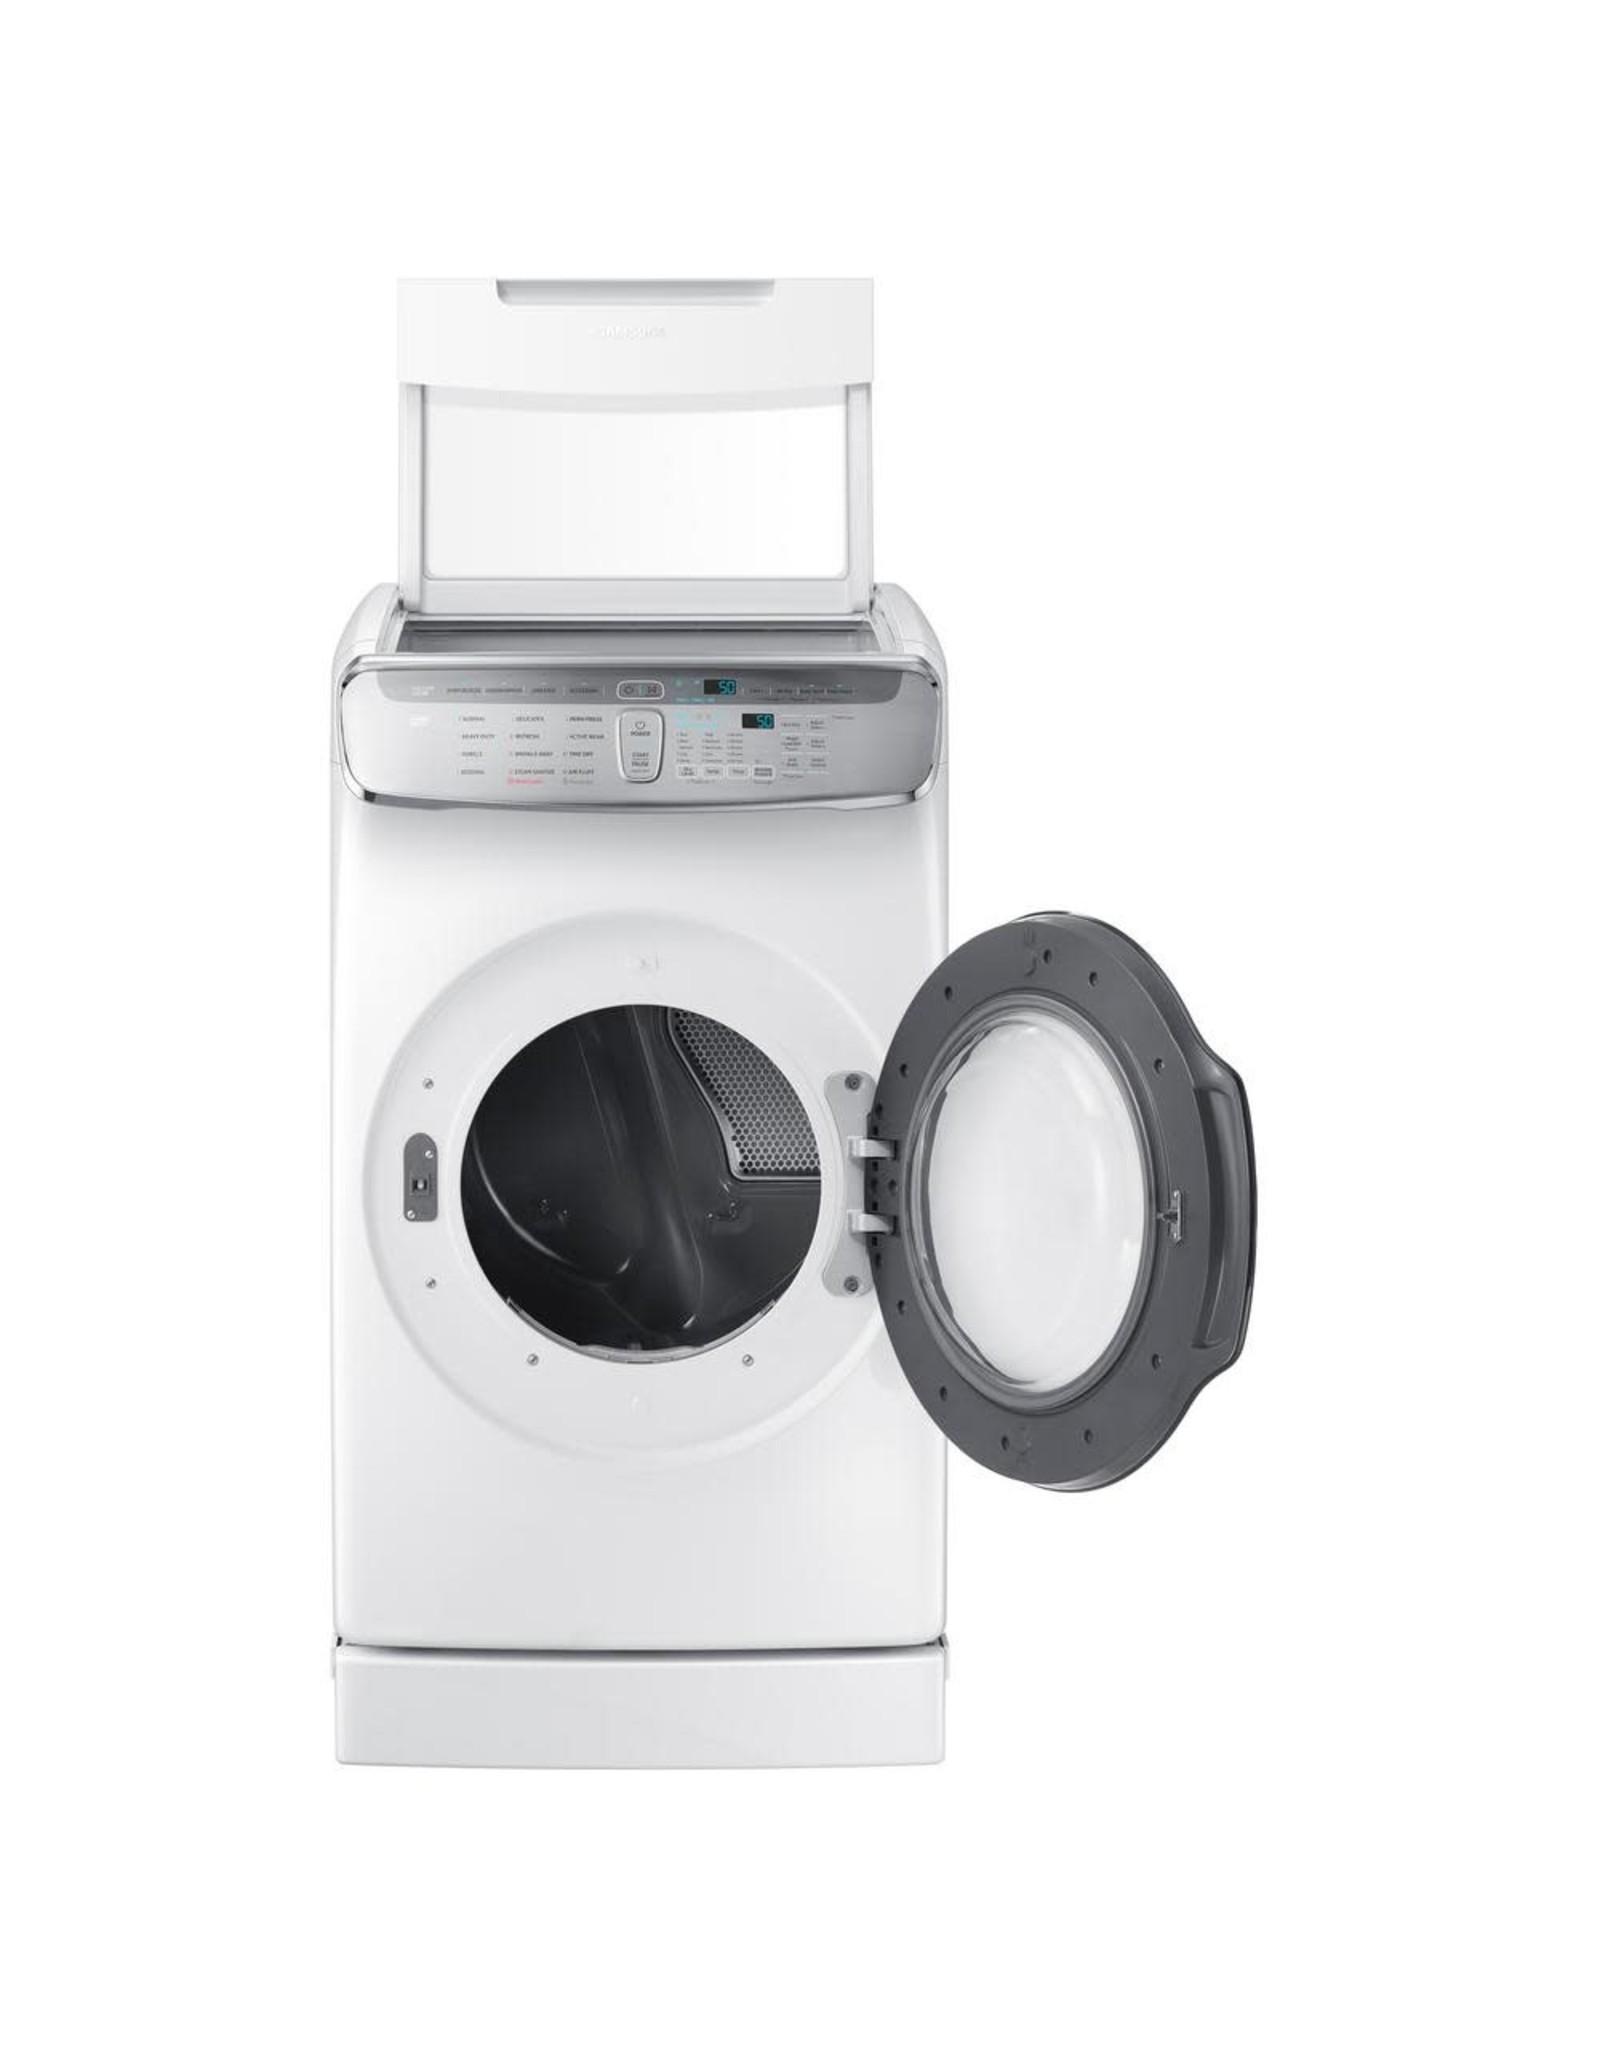 SAMSUNG DVE60M9900W Samsung 7.5 cf electric dryer w/ Multi-Steam (White)